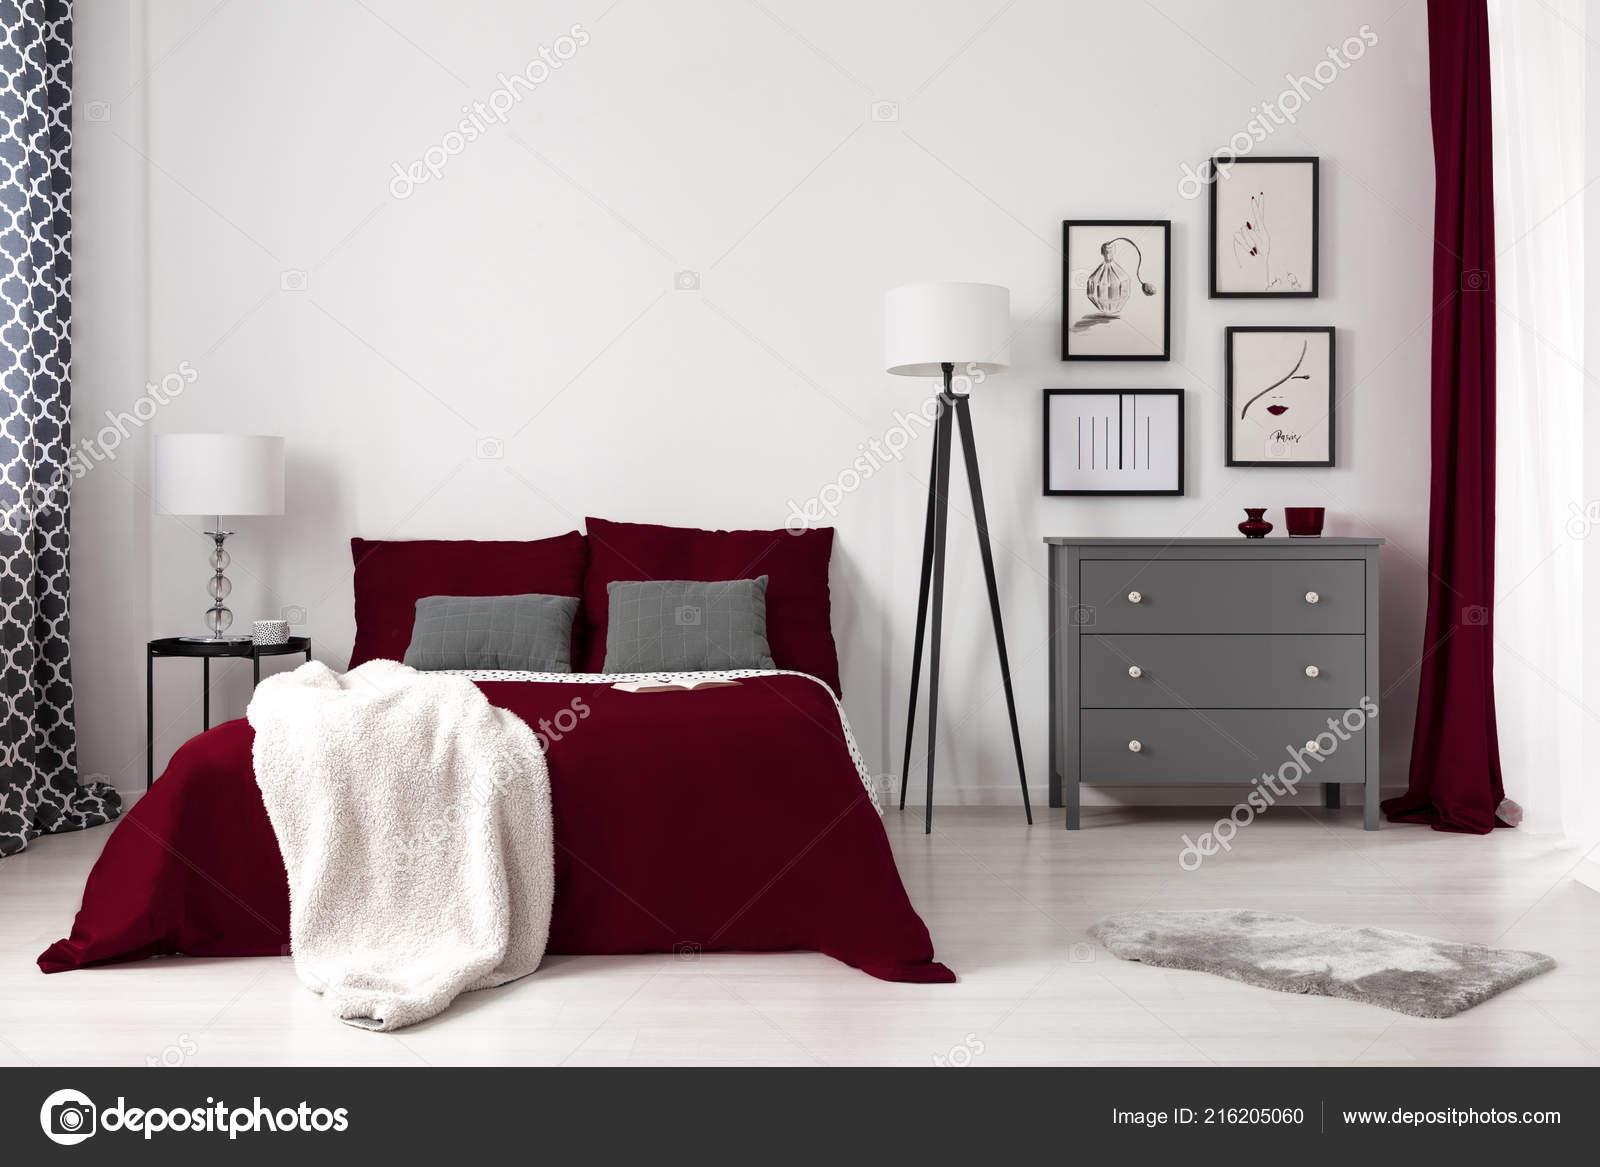 Camera Da Letto Modello Glamour : Foto reale fascino interni camera letto con letto rosso scuro u2014 foto